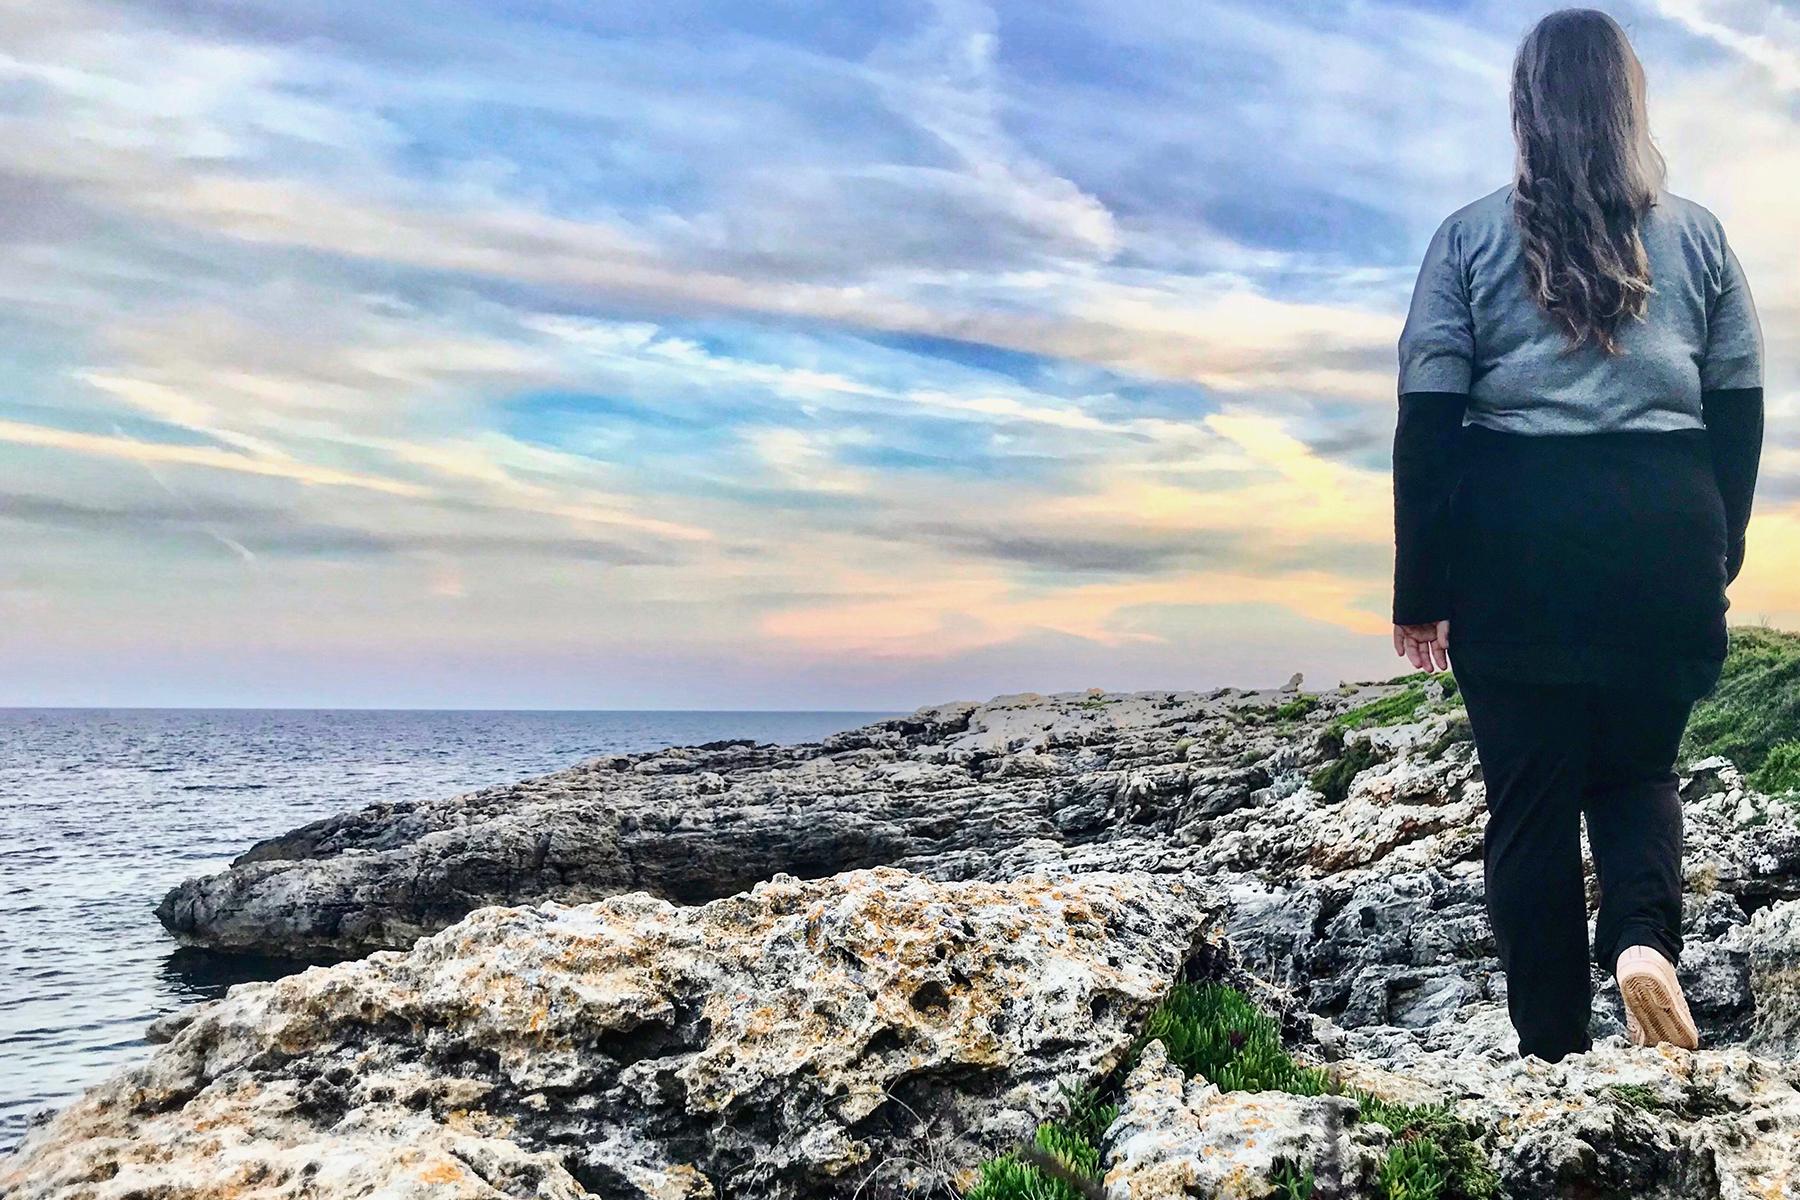 Menorca statt Mallorca: 15 Highlights, die man im Urlaub auf Menorca erleben muss